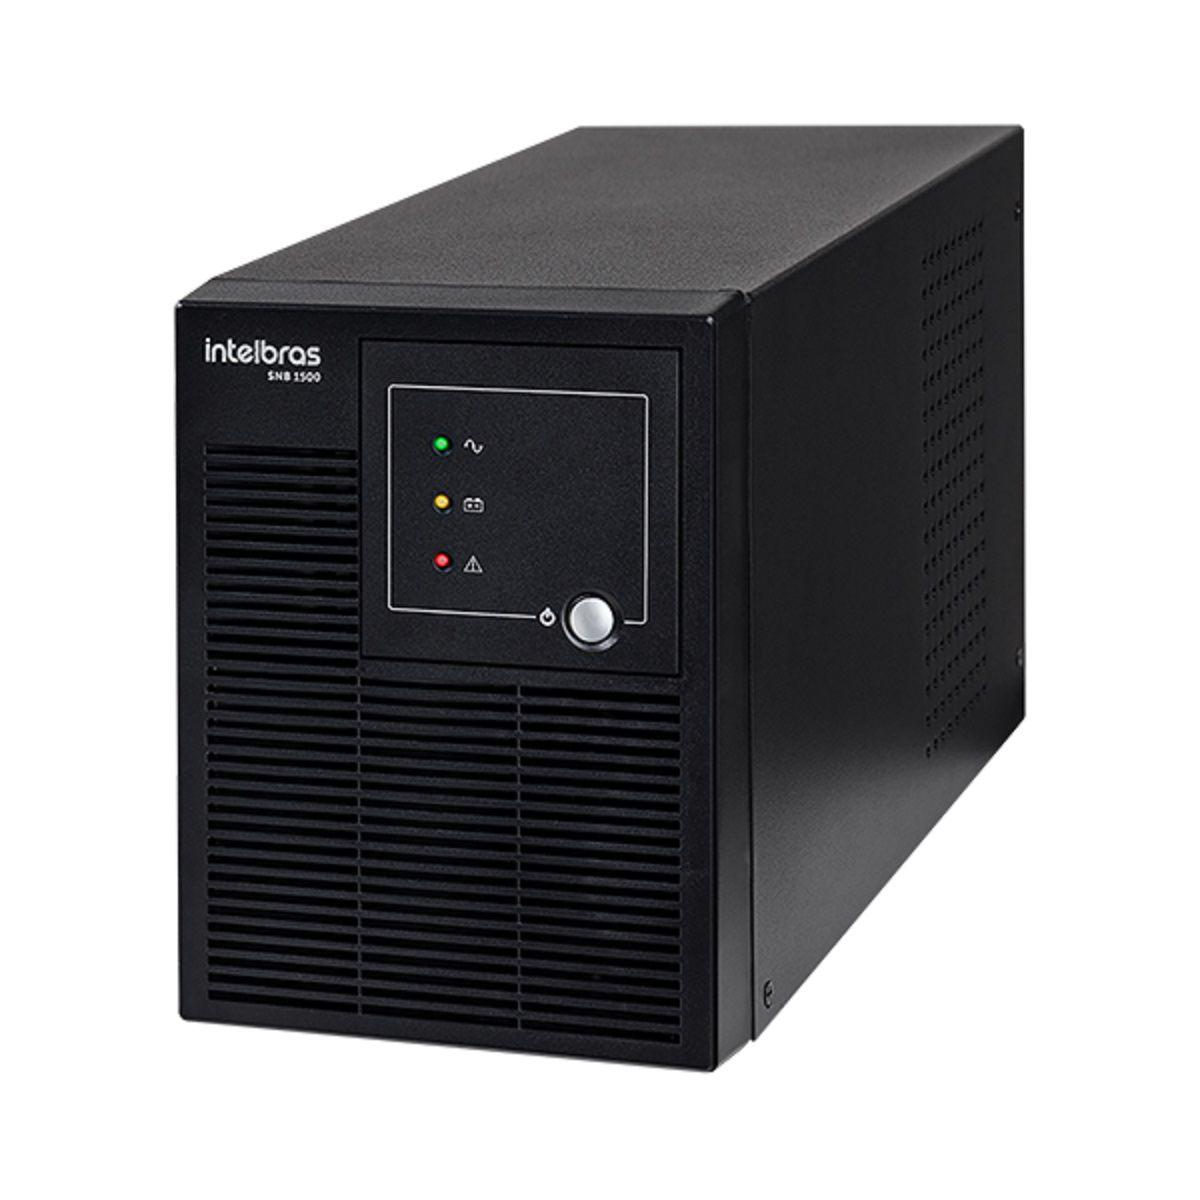 Nobreak Senoidal Intelbras SNB 1500 Entrada Biv. Saída 120V